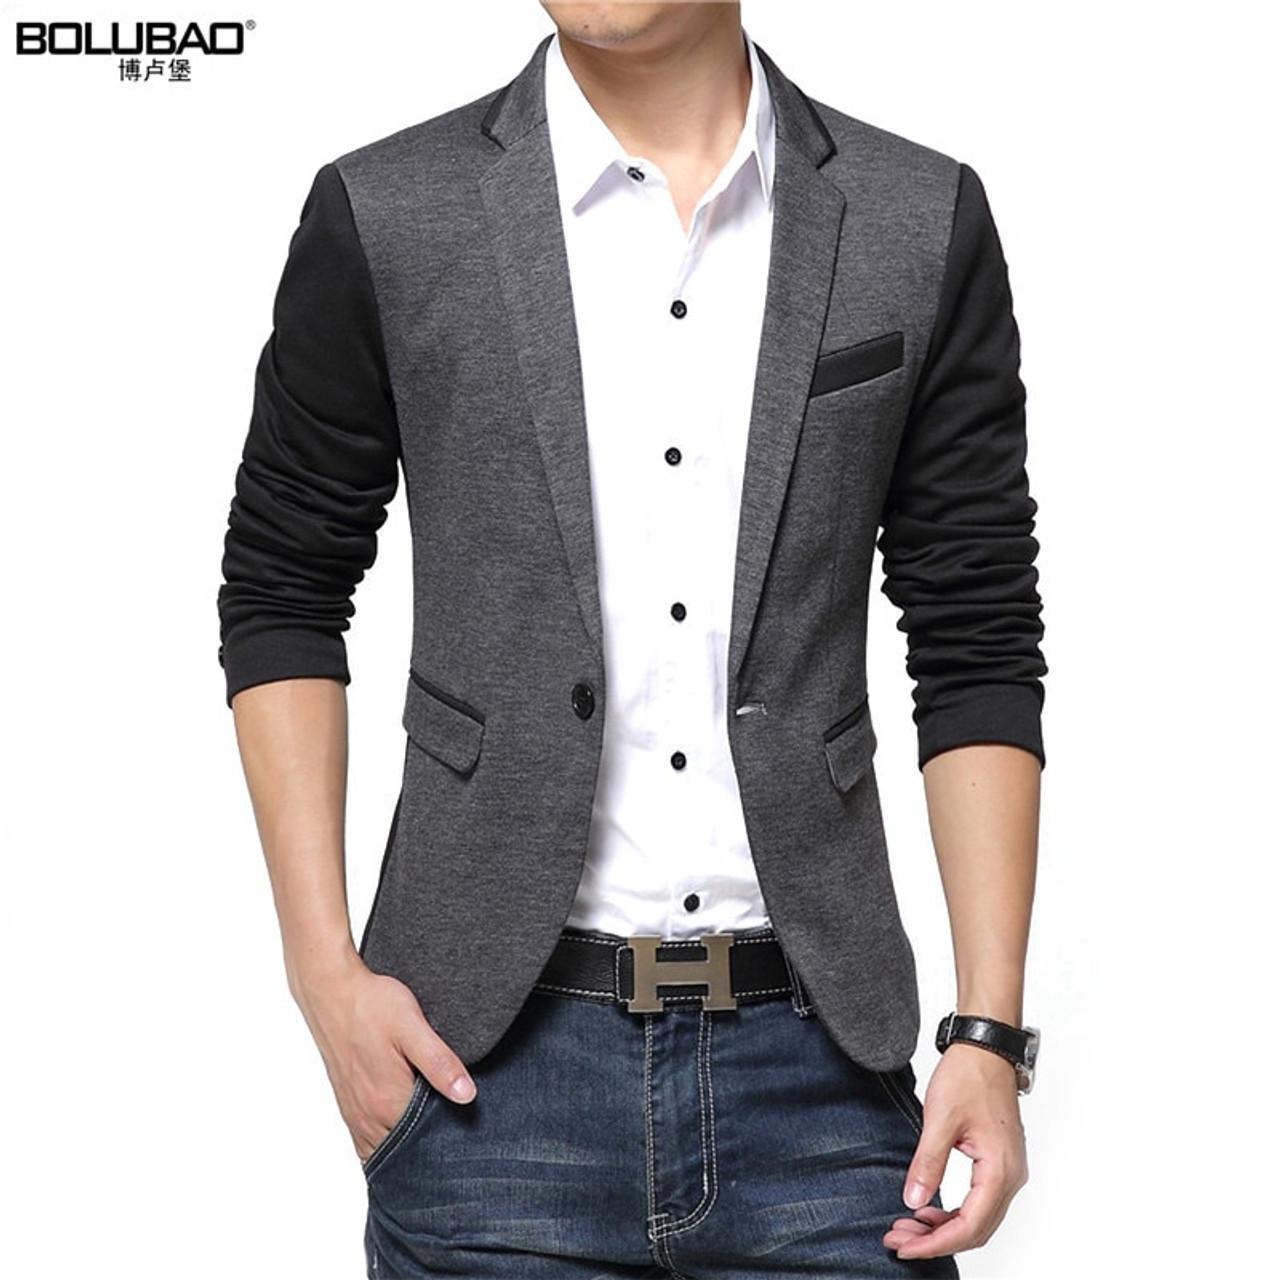 4c8c2a3c3ccc ... New Men Blazer Fashion Luxury Woolen Blends Patchwork Slim Suit Jackets  Business Suit Male Wedding Dress ...